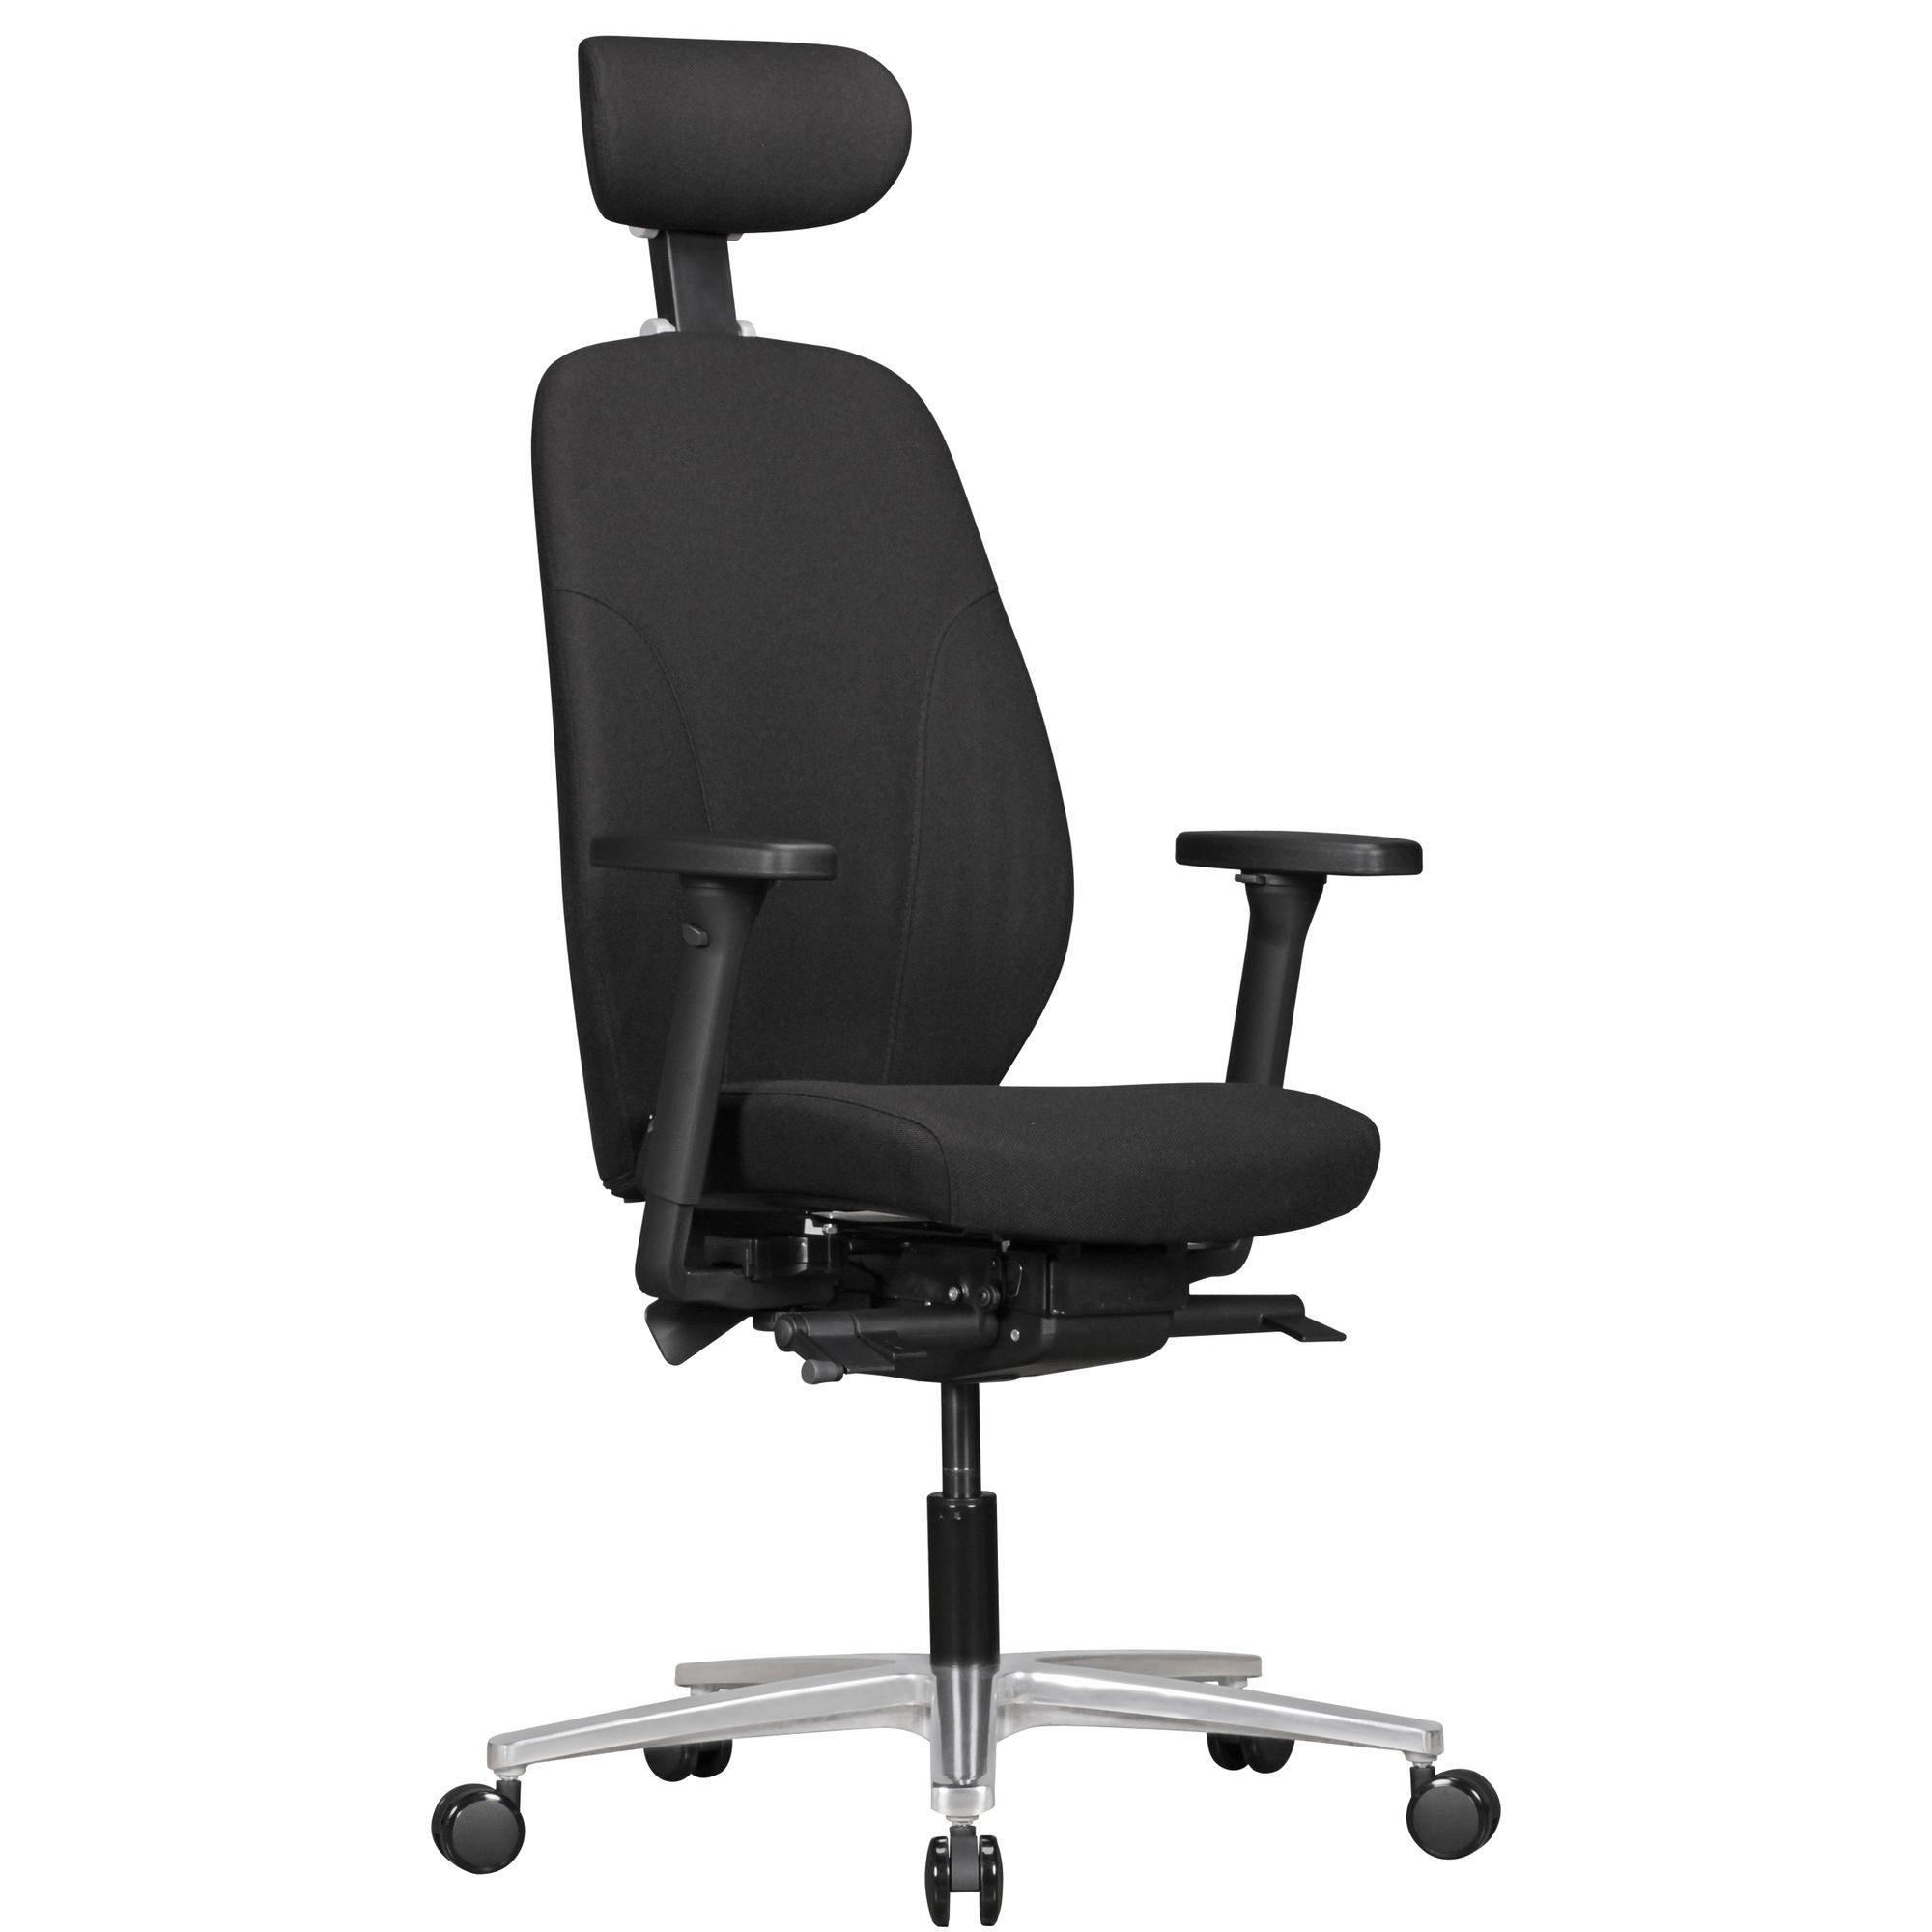 Büro Drehstuhl mit verstellbaren Armlehnen und Kopfstütze Schwarz